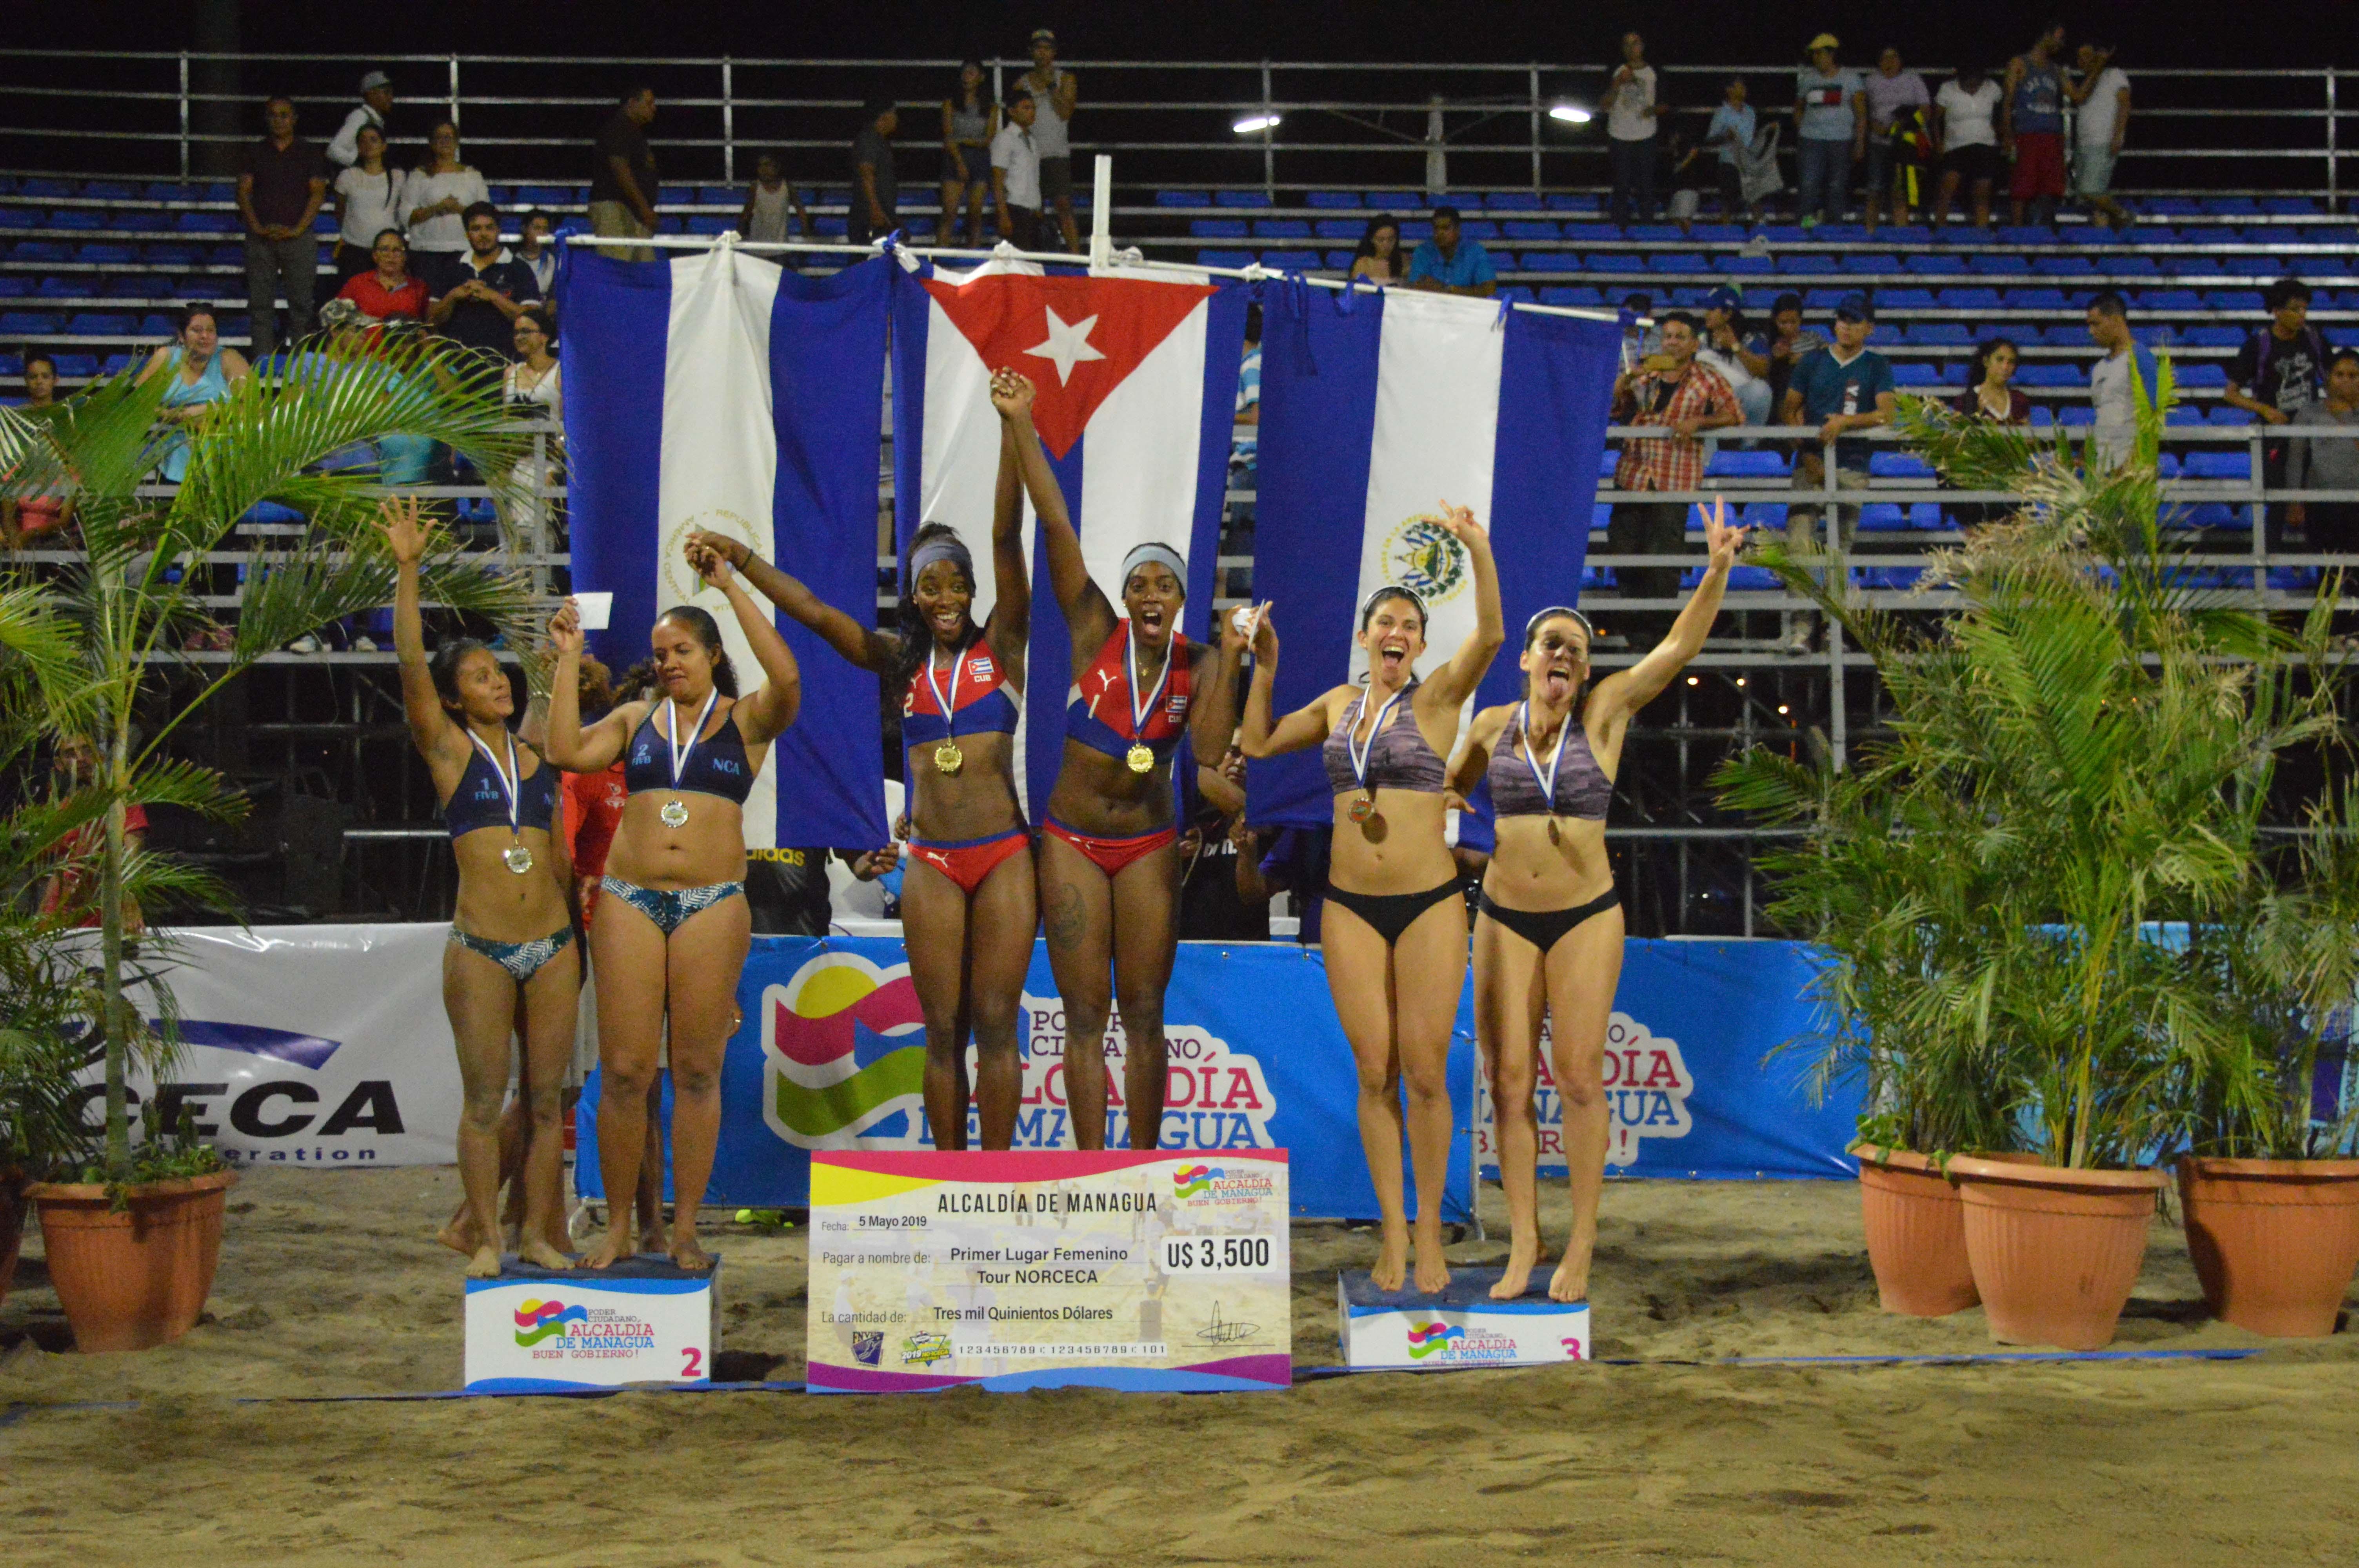 El podio de ganadoras inmtegrado por Cuba, Nicaragua y El Salvador